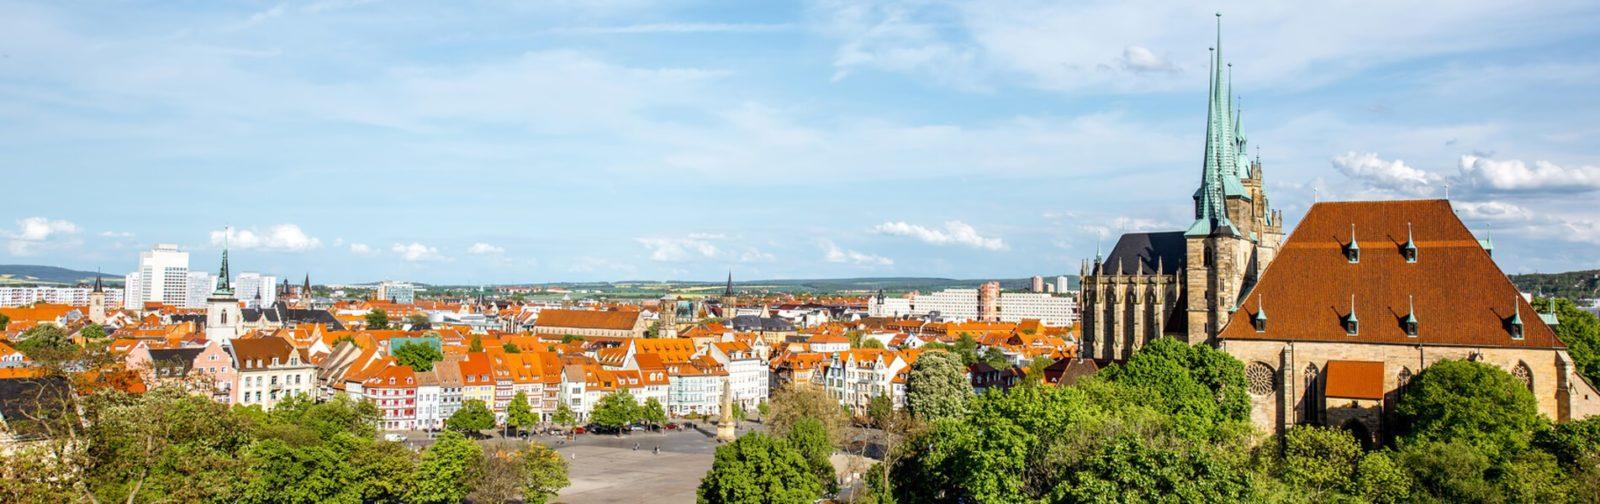 MIQR Erfurt (Slide)